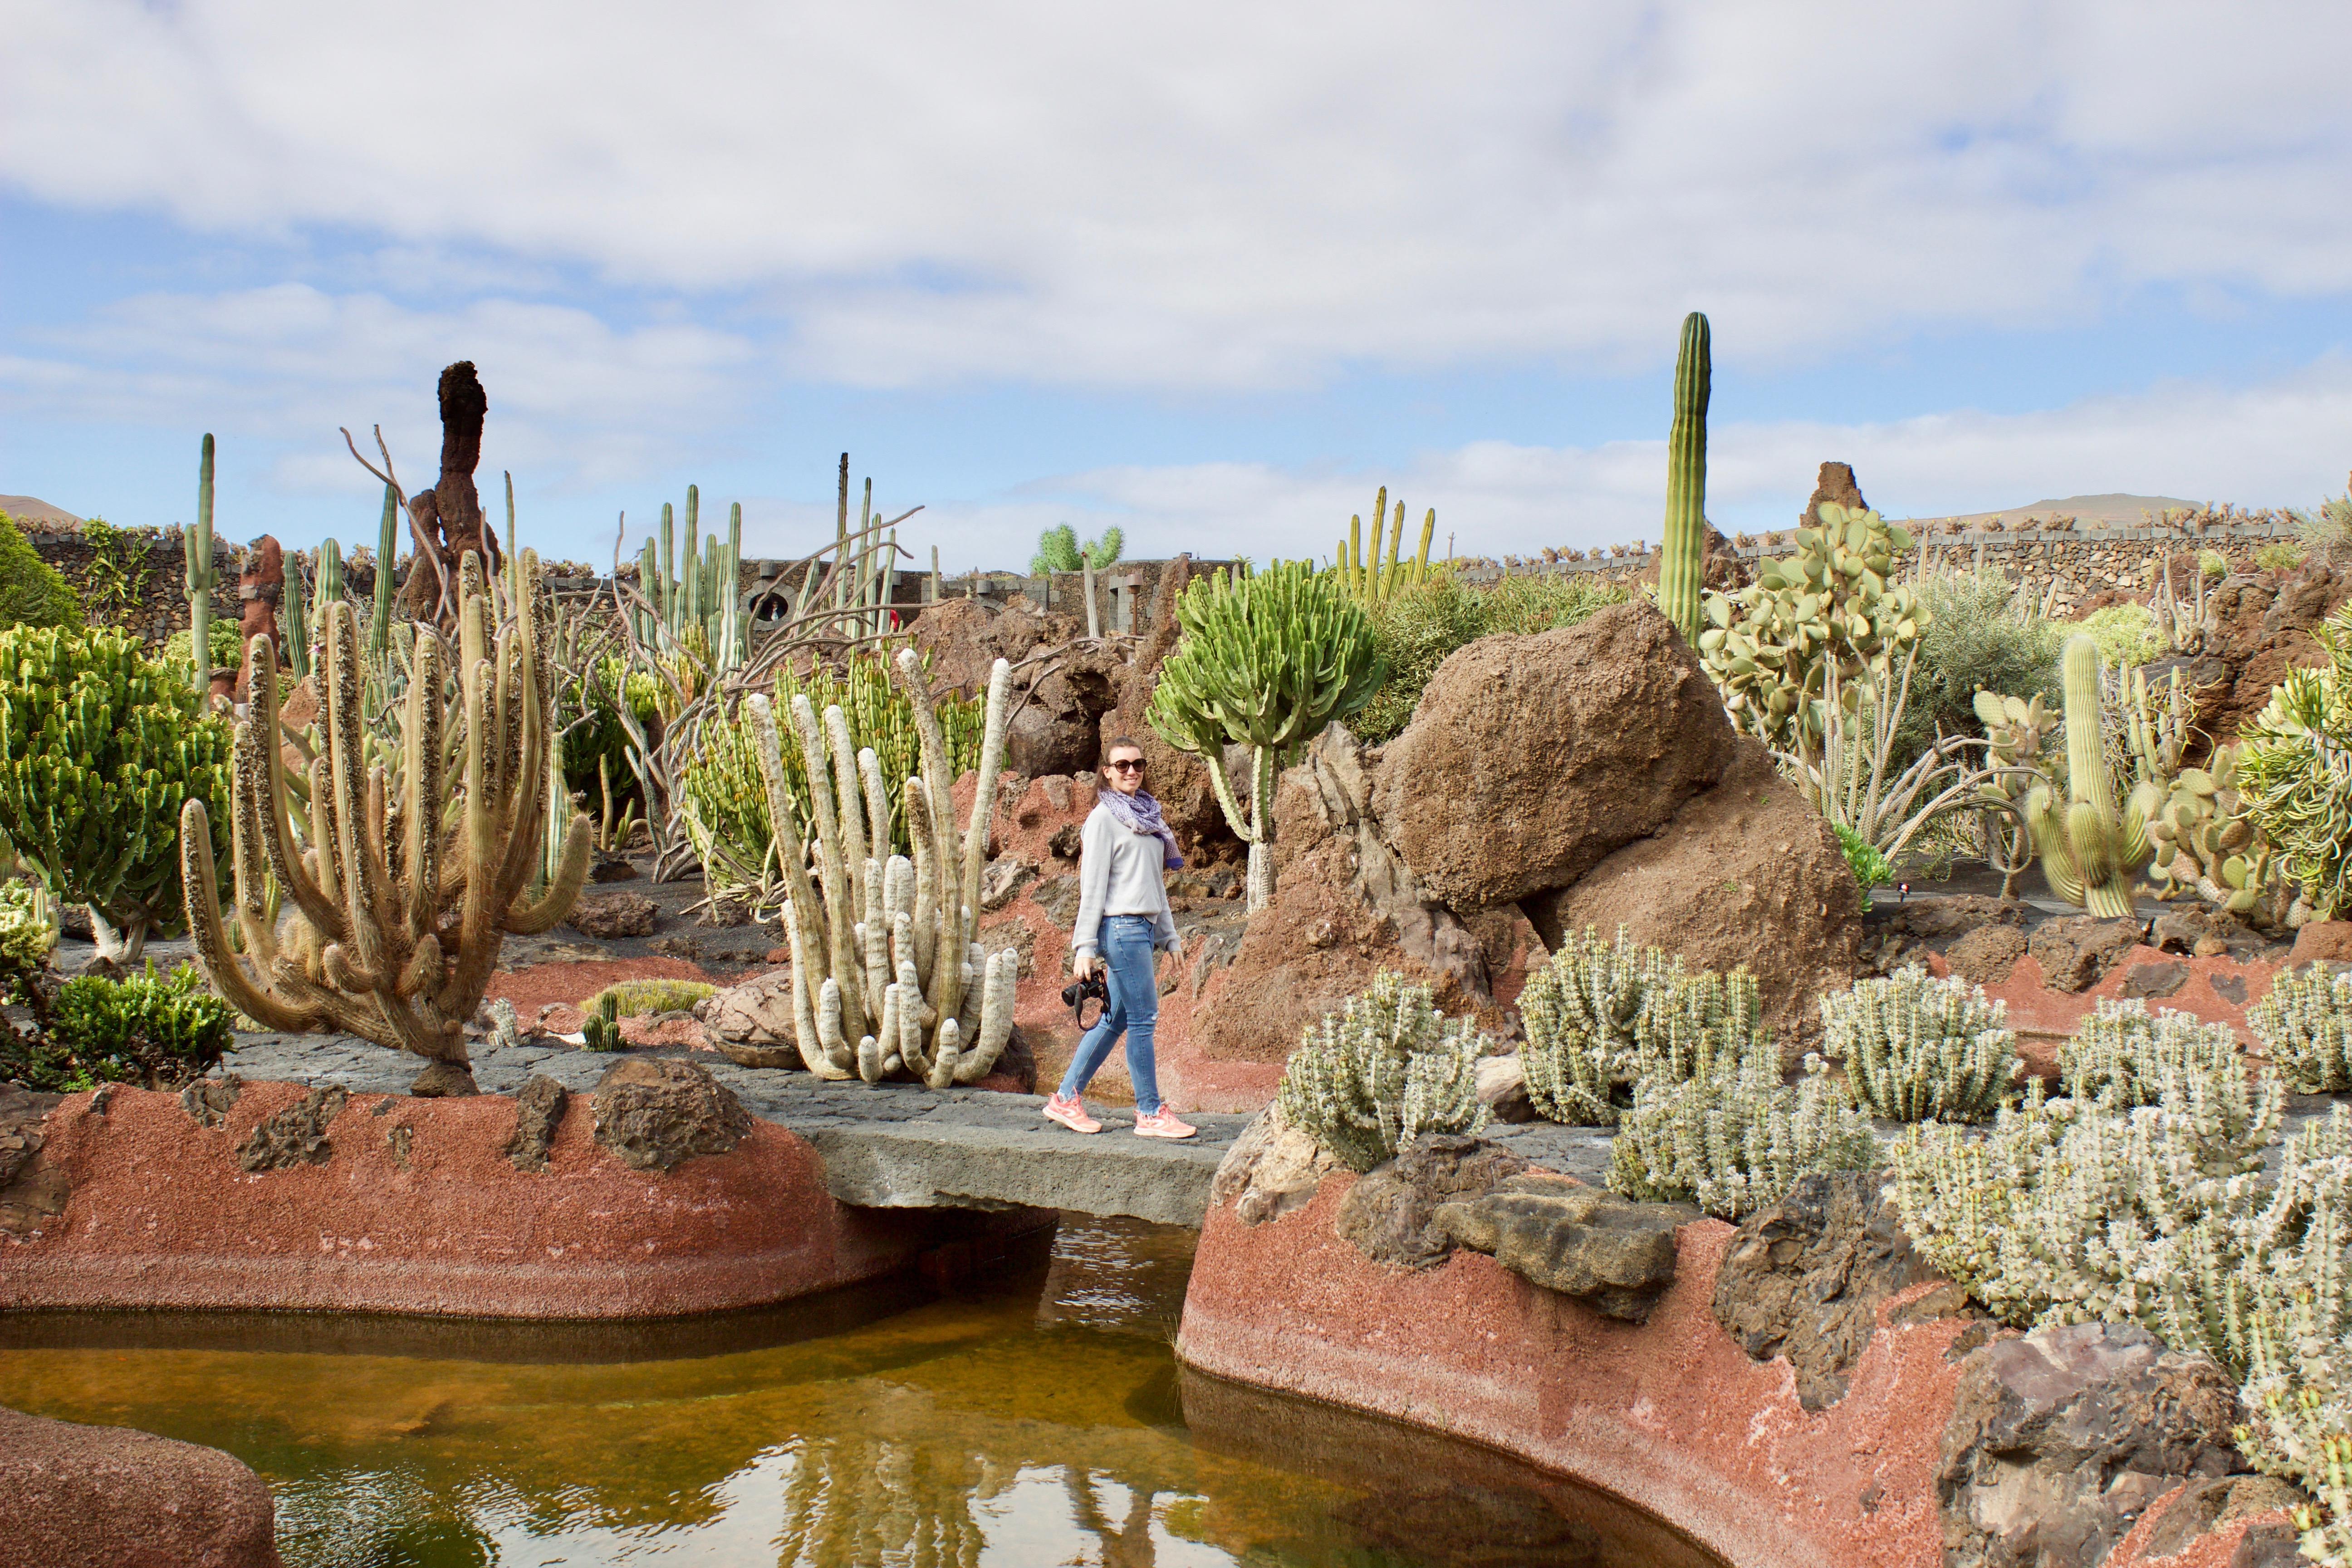 Jardín de cactus - Lanzarote